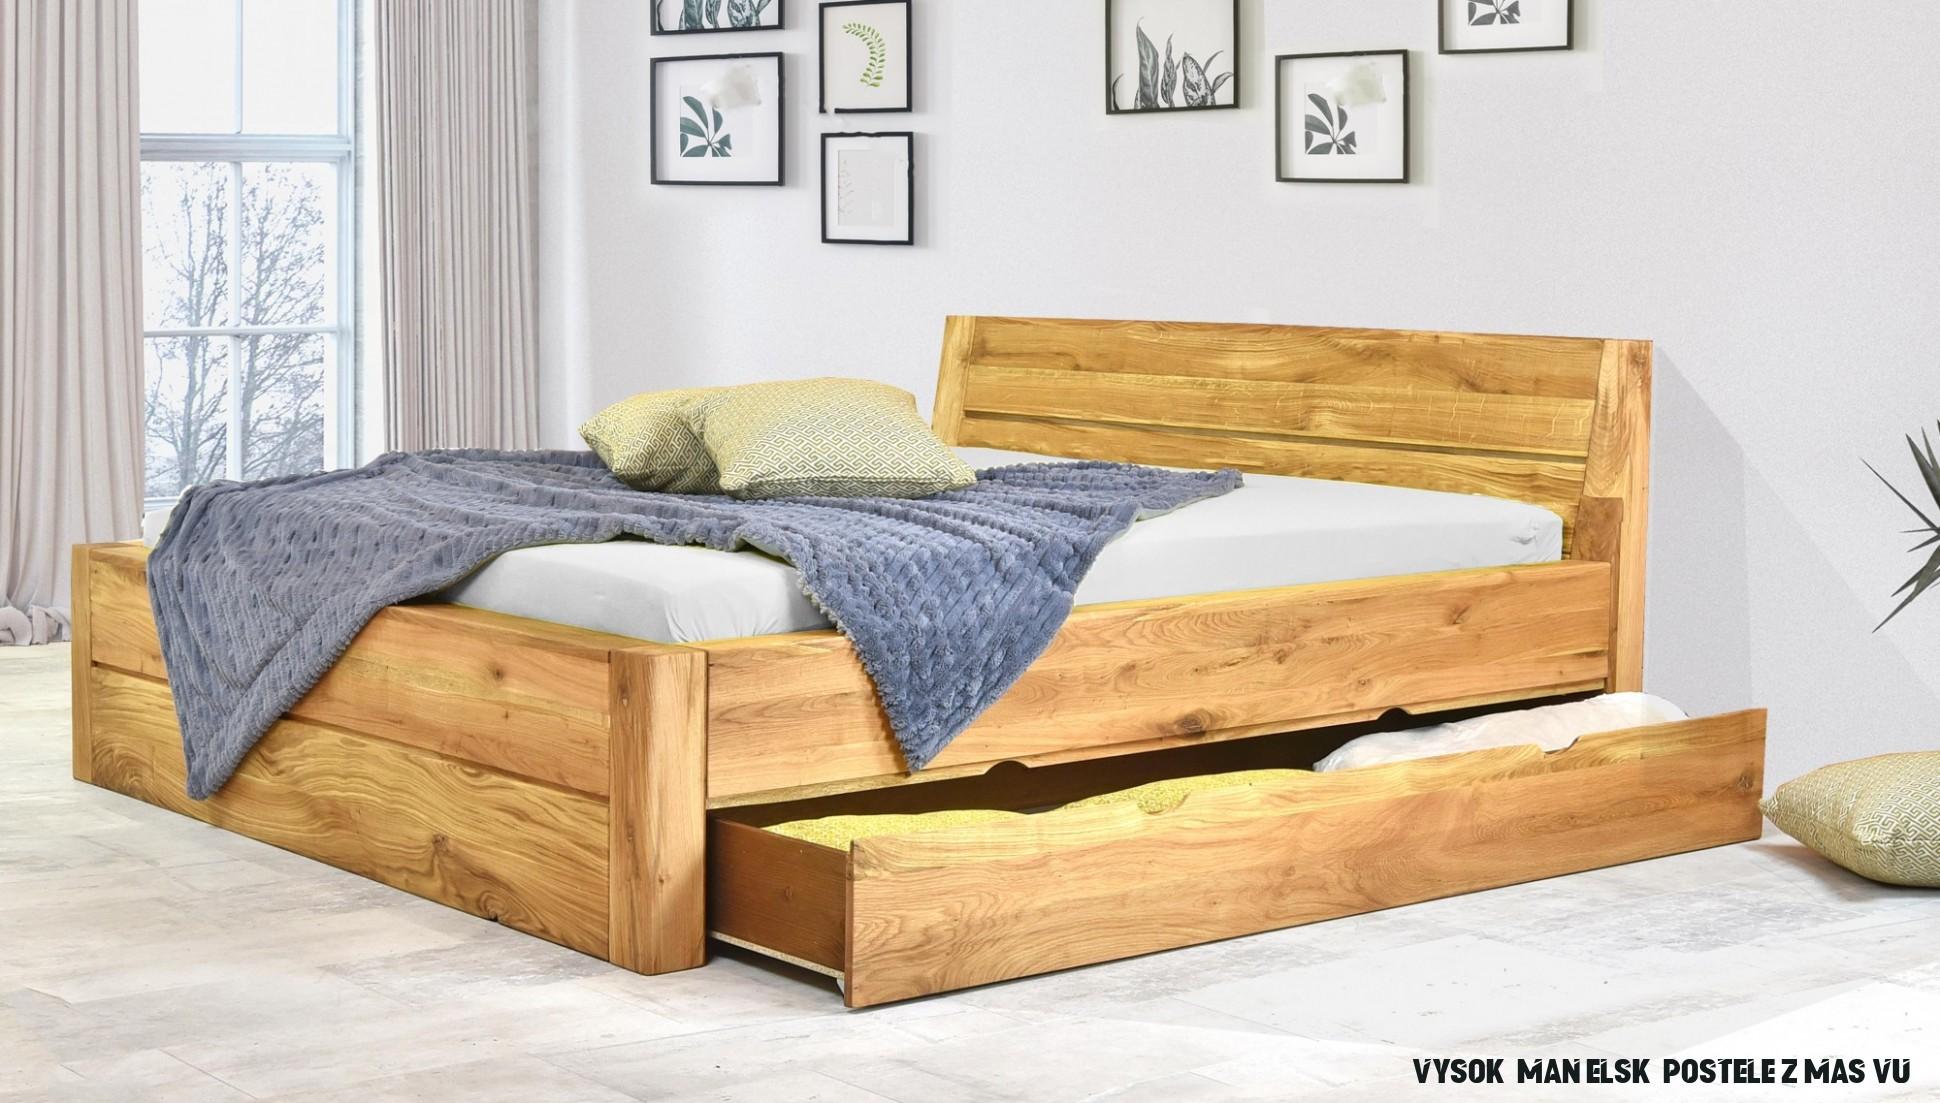 Manželská posteľ, Julia s úložným priestorom